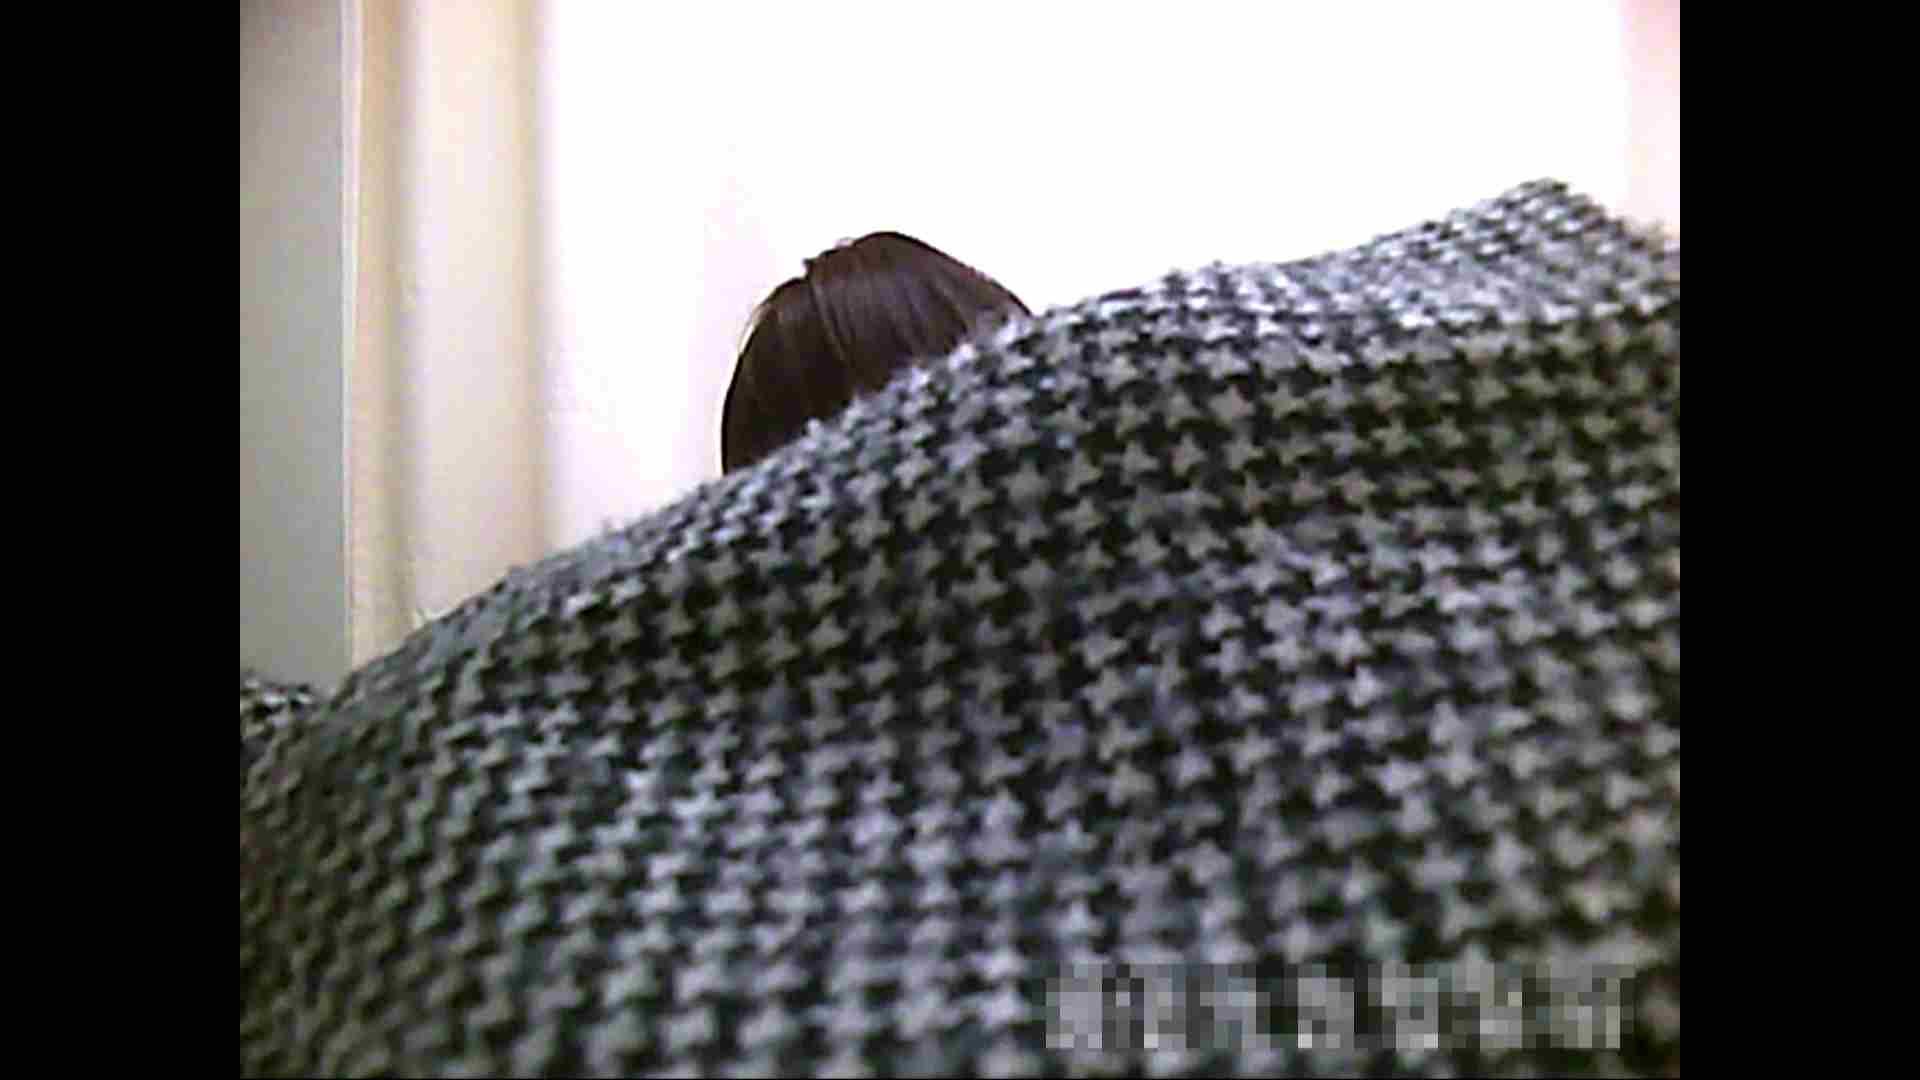 巨乳 乳首:元医者による反抗 更衣室地獄絵巻 vol.134:怪盗ジョーカー